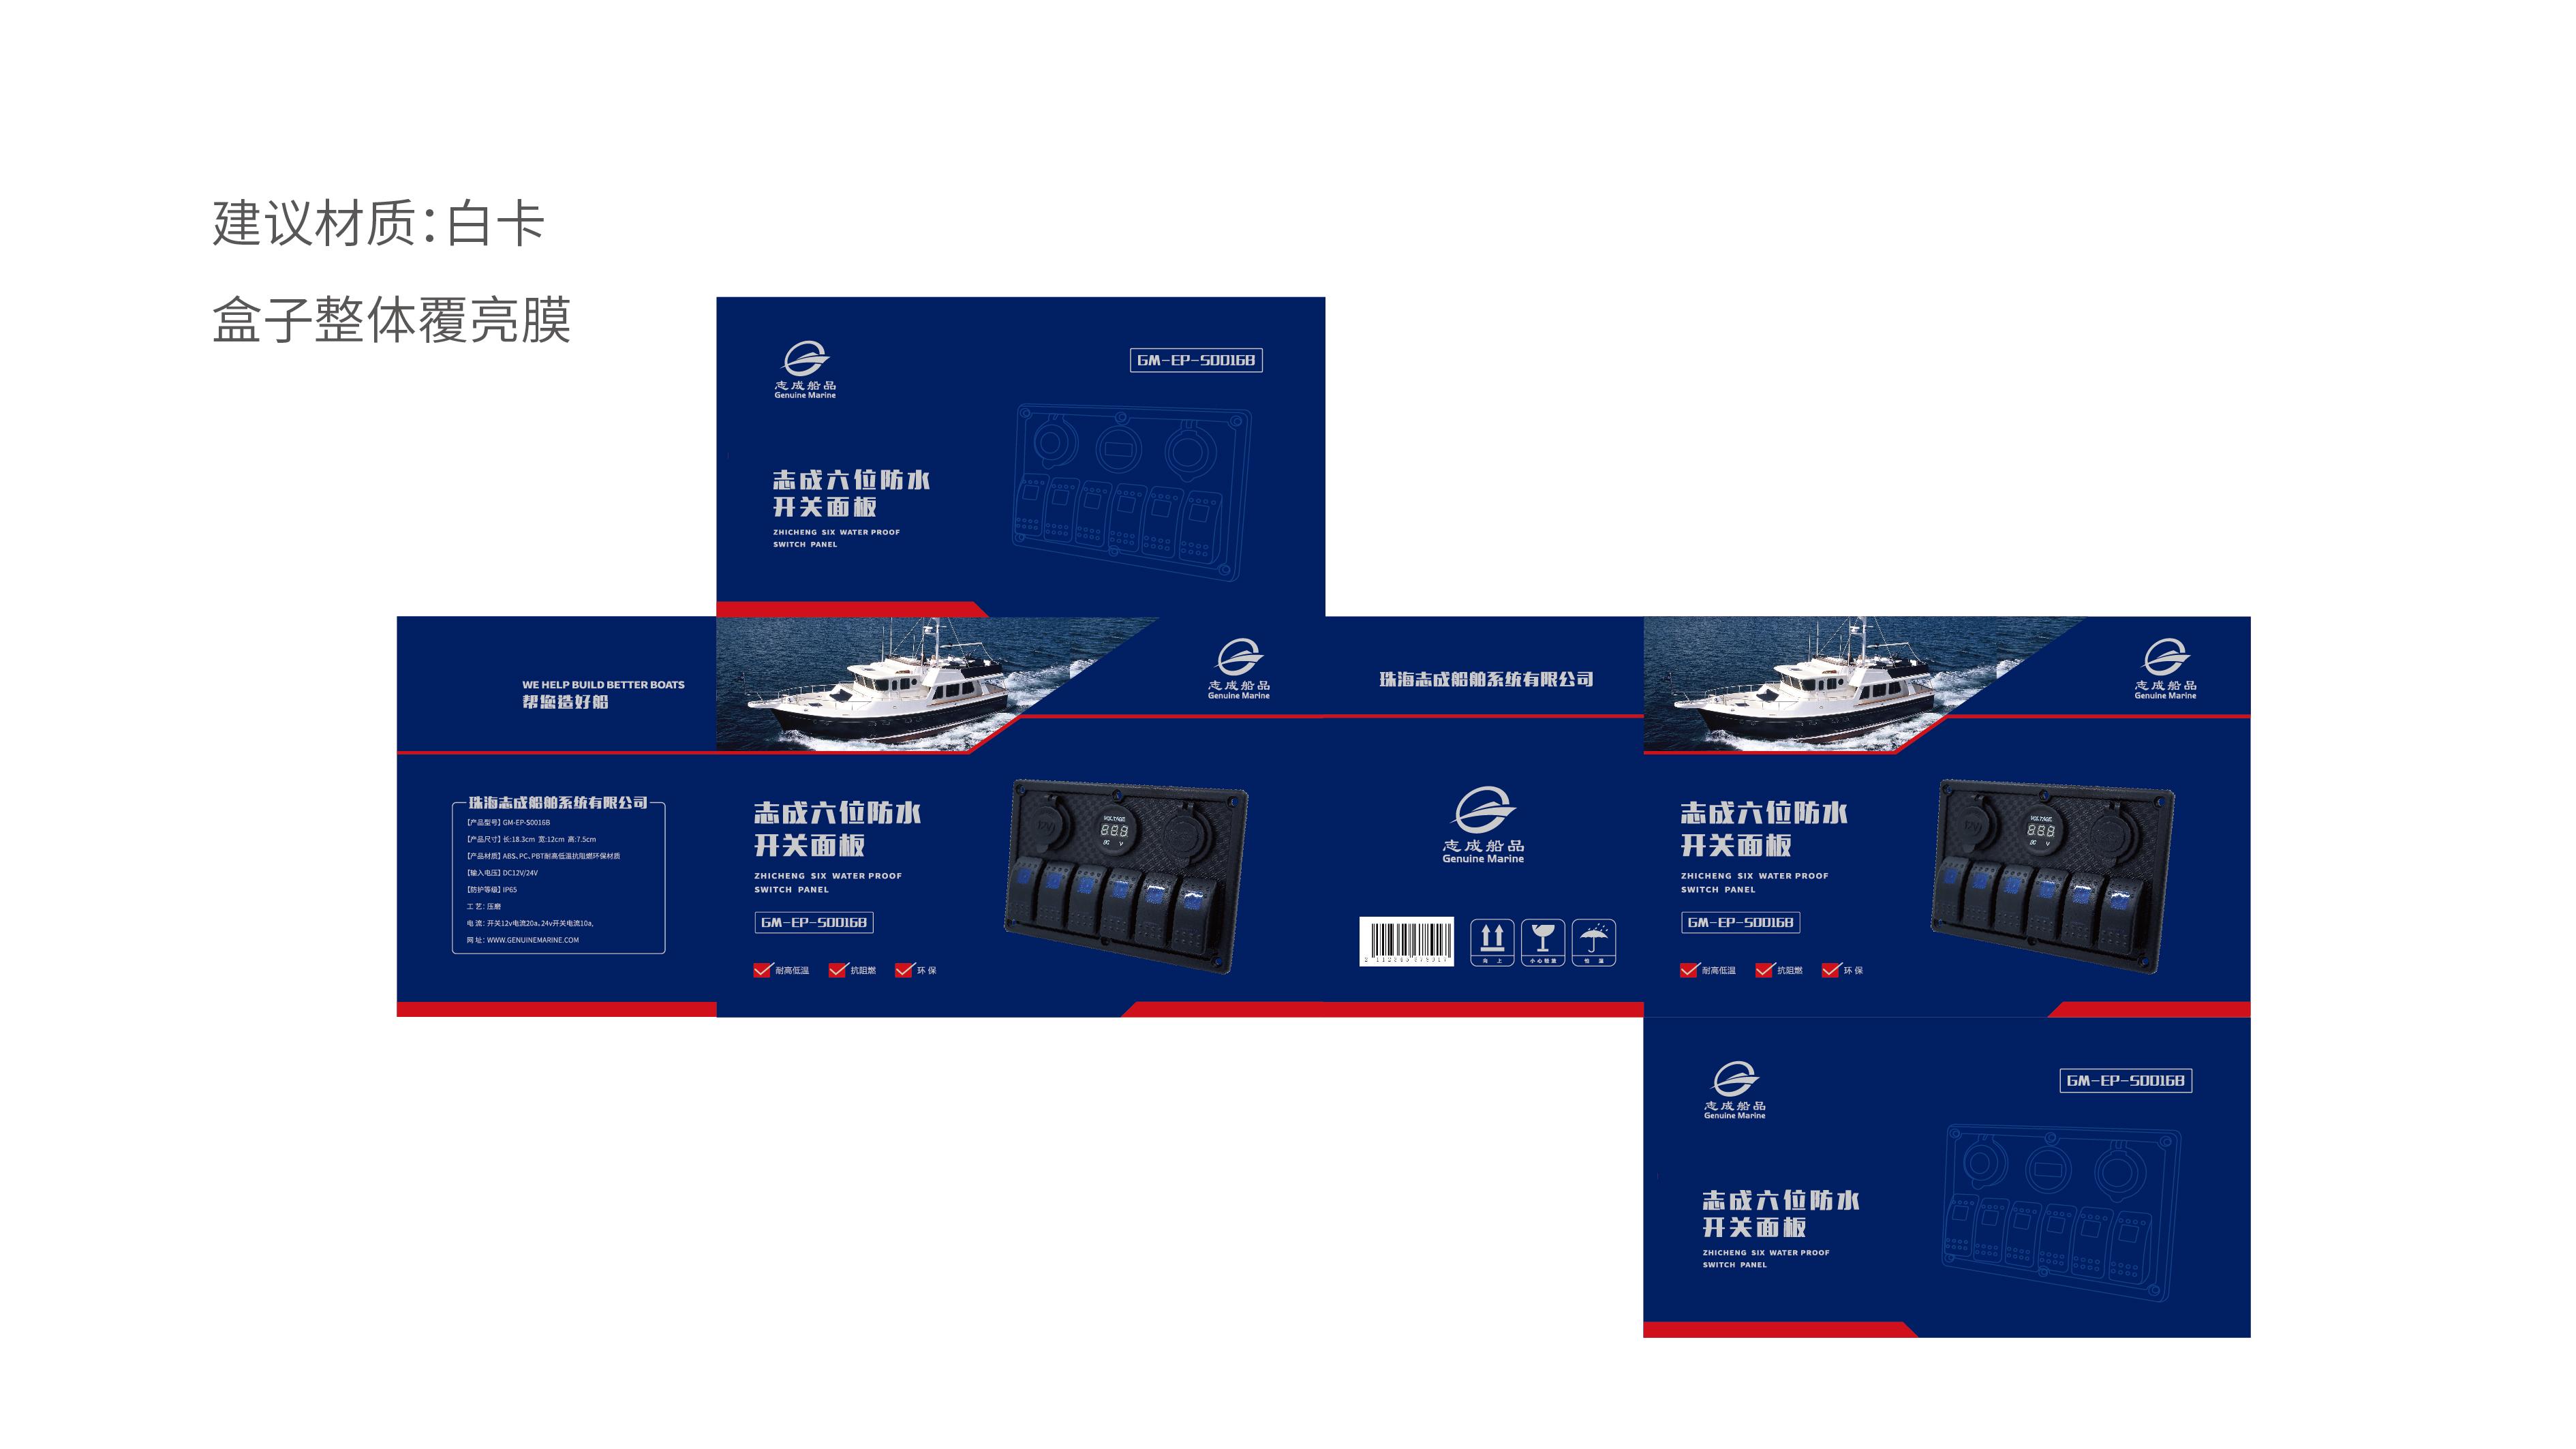 志成genuinemarine品牌包裝設計